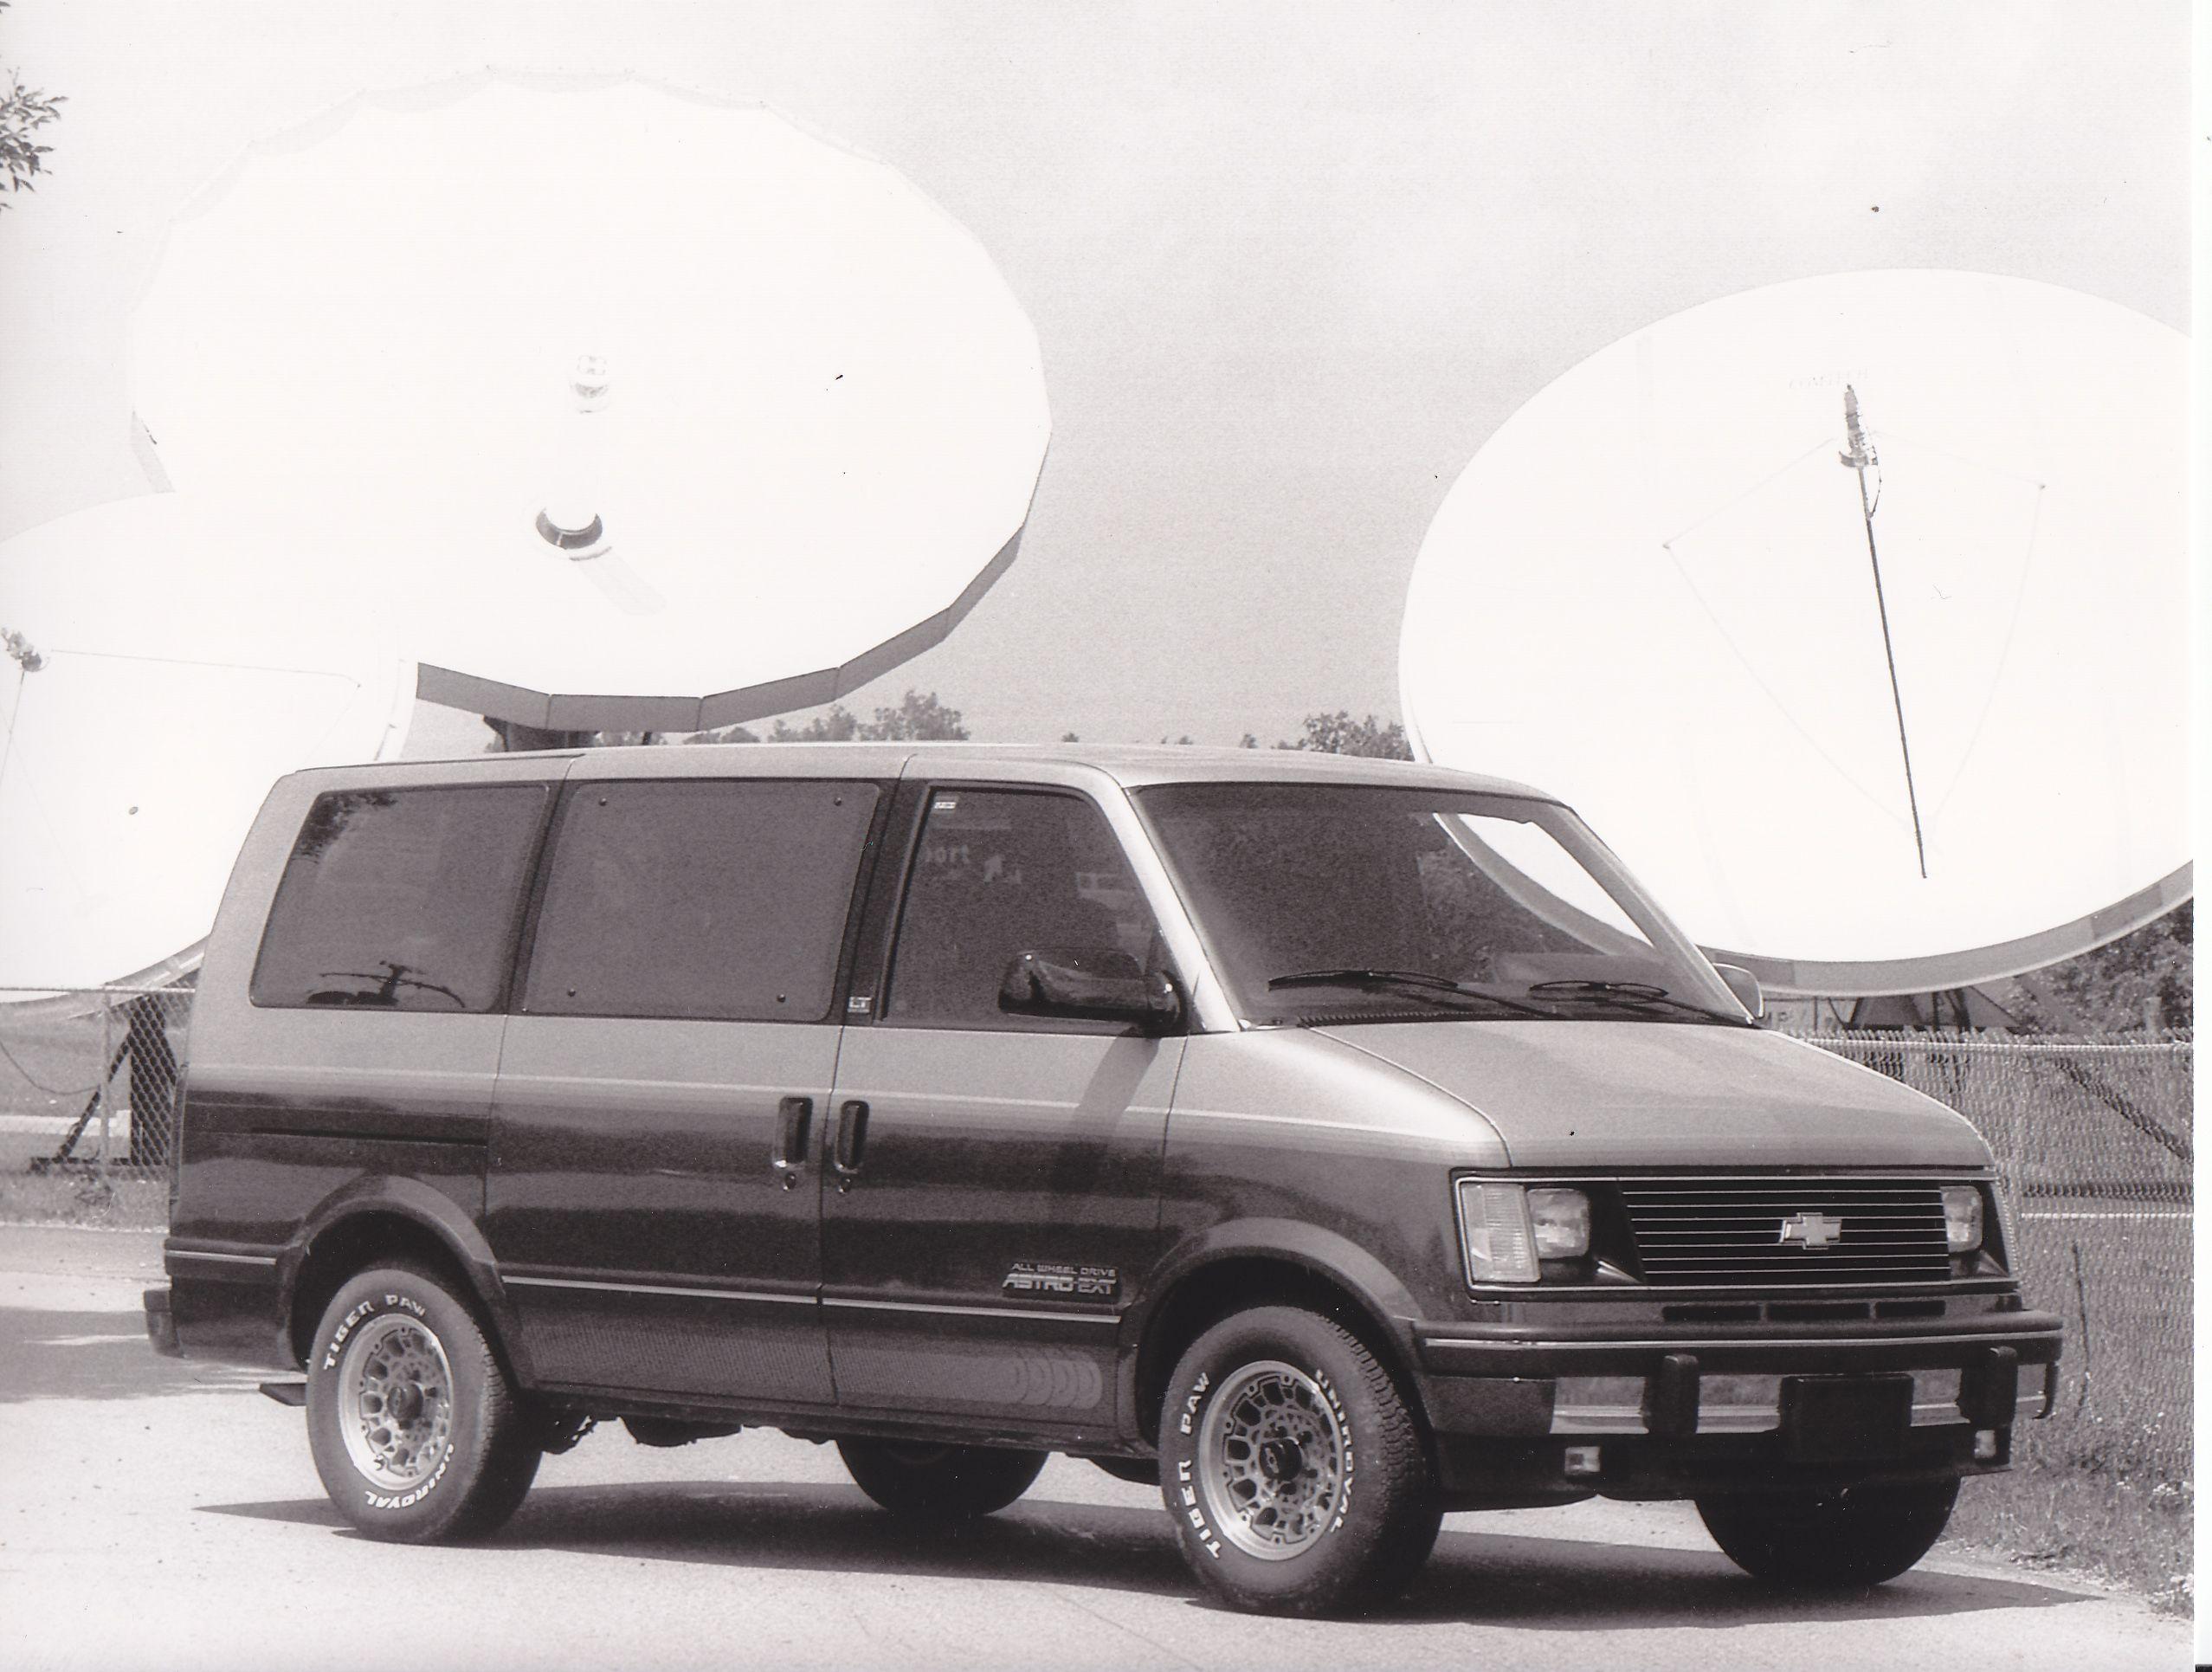 chevrolet astro van iaa 1991  [ 2555 x 1931 Pixel ]